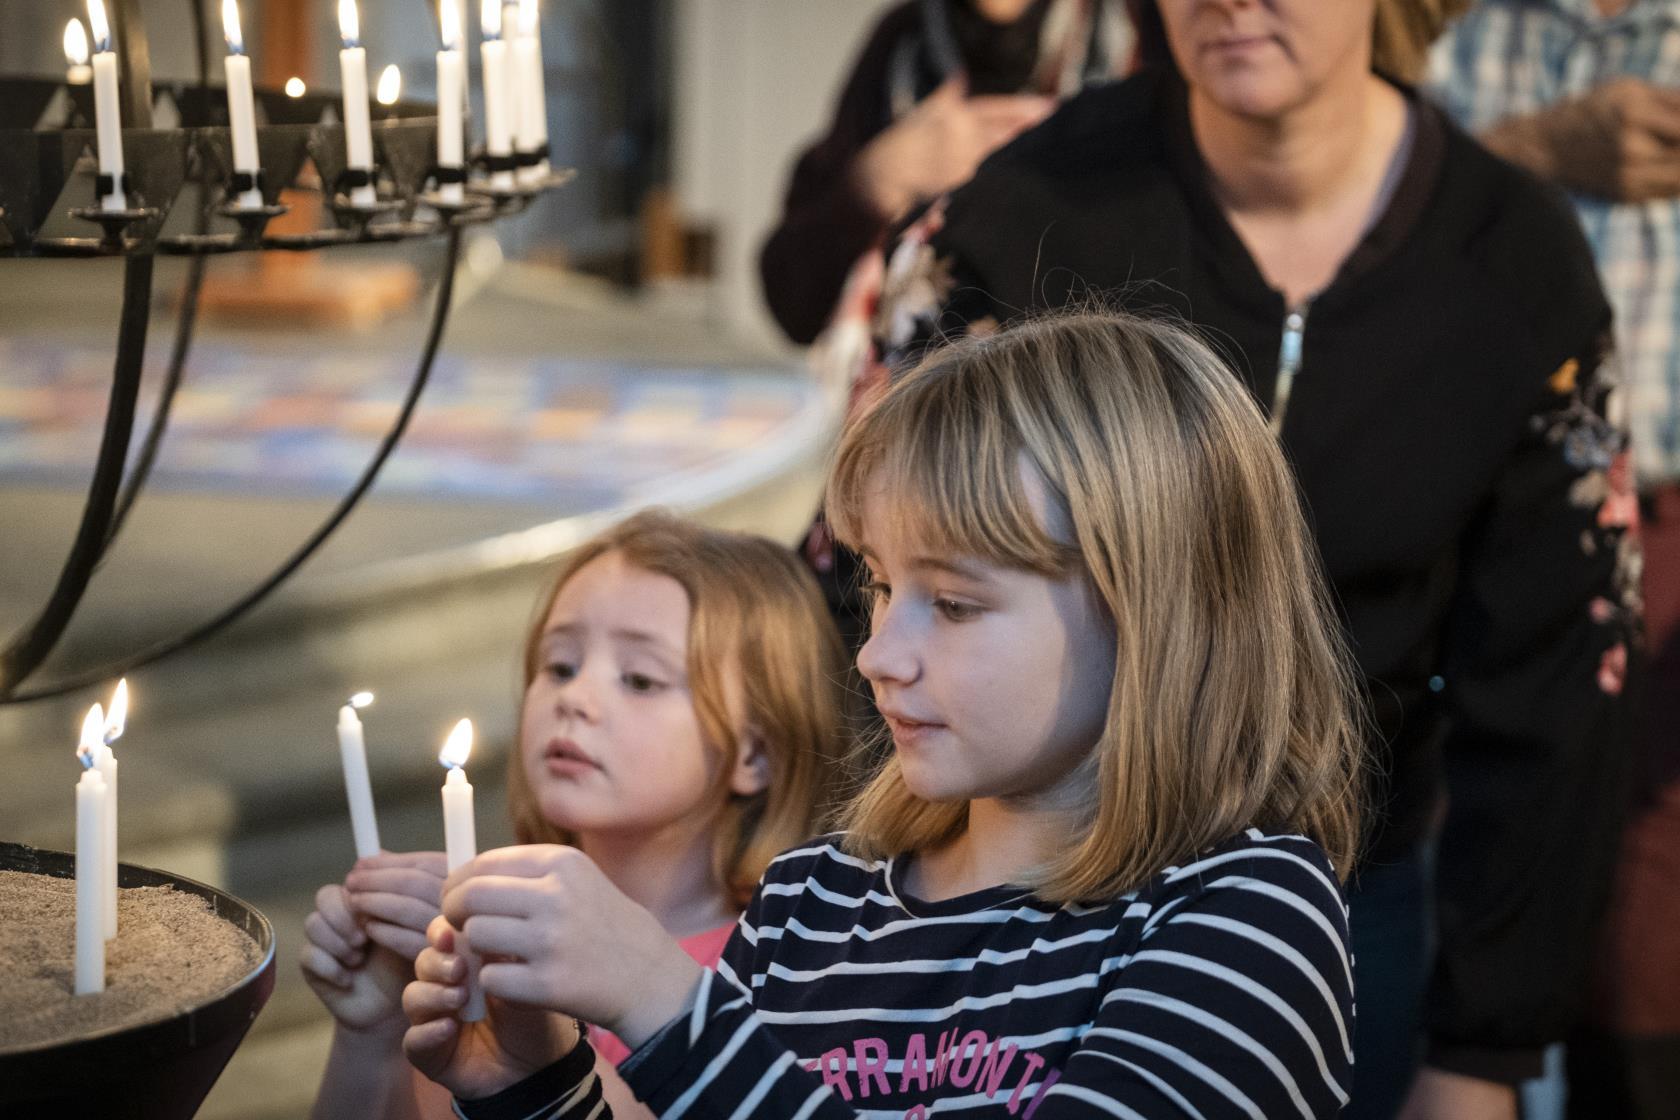 Familjegudstjänst i Boden med nattvard. Barnkör sjunger och deltar nattvarden. En mässa med barn och vuxna. Barn spelade orgel.